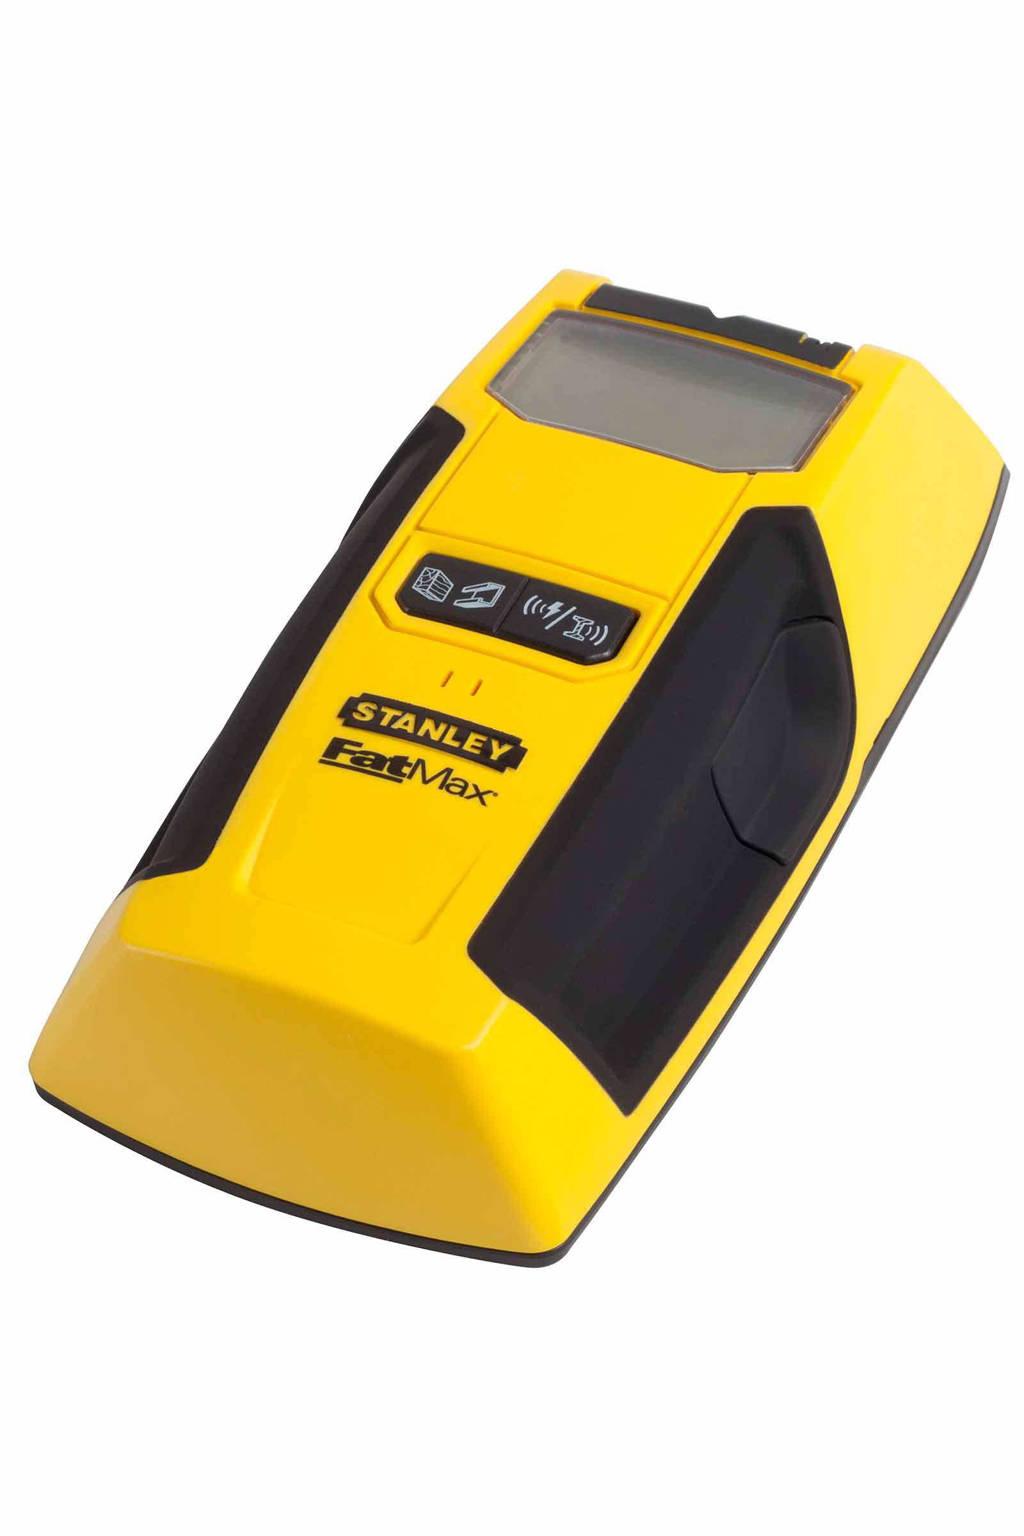 Stanley DIY Fatmax S300 materiaaldetector